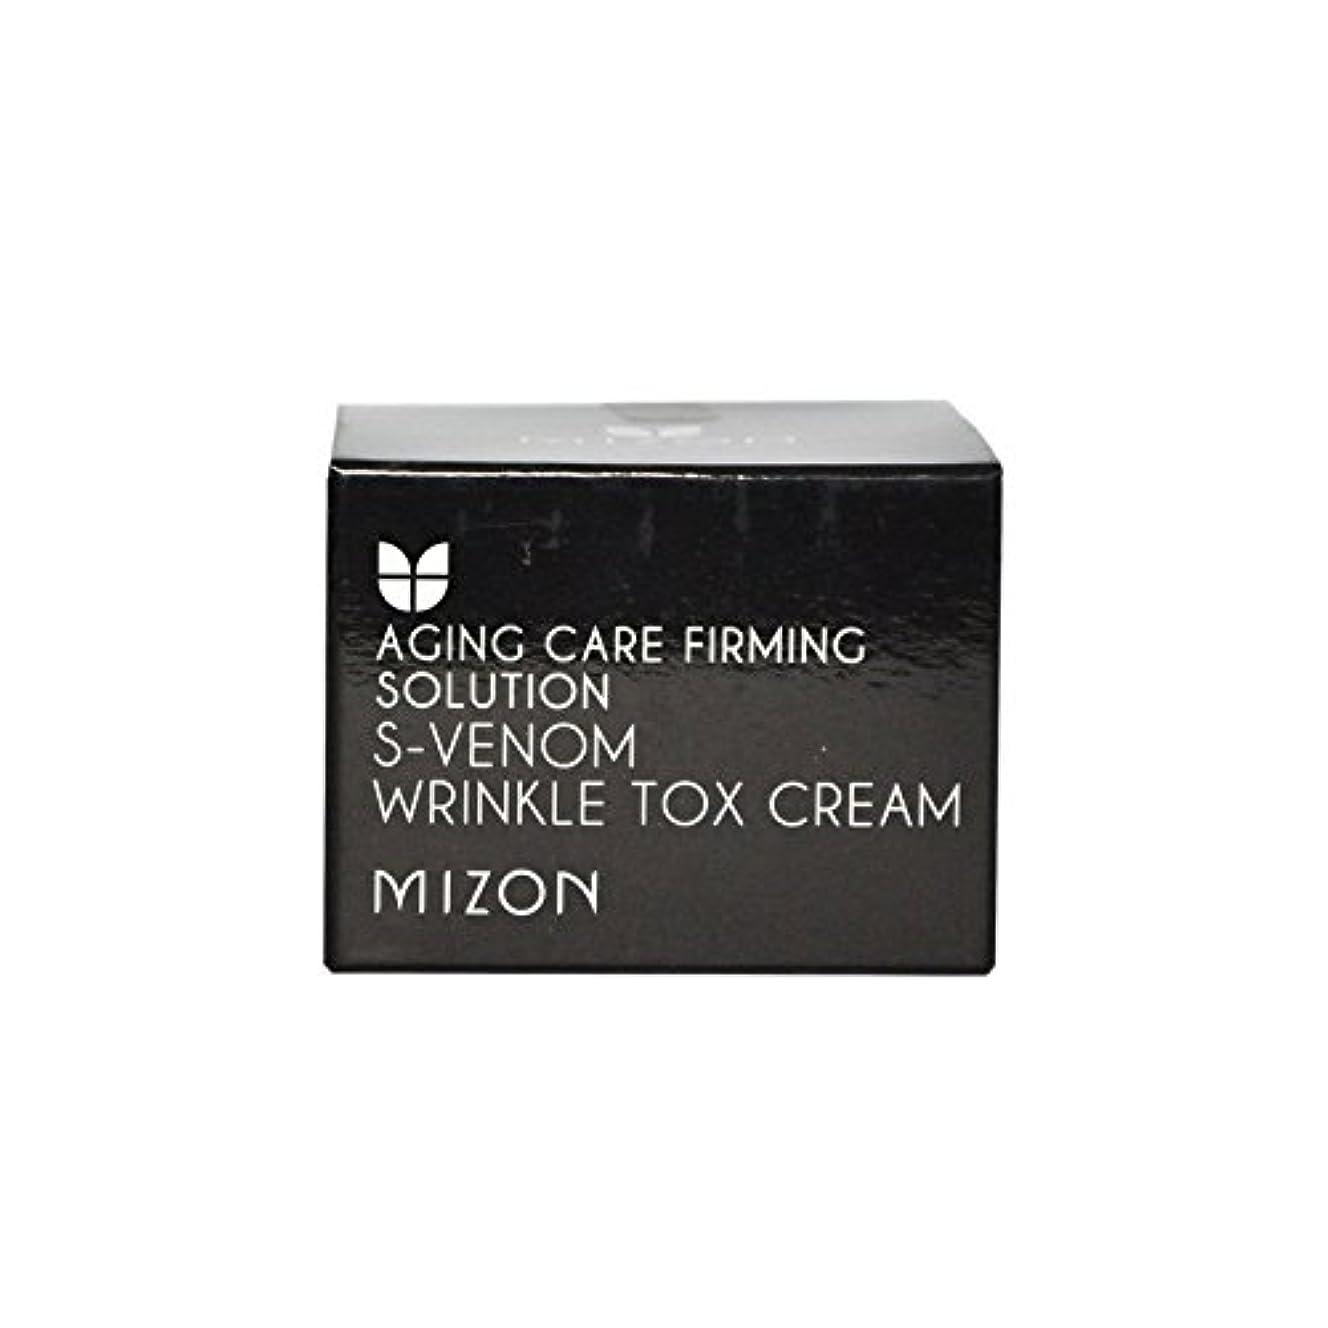 再発するよろしく化粧の毒リンクルトックスクリーム x4 - Mizon S Venom Wrinkle Tox Cream (Pack of 4) [並行輸入品]